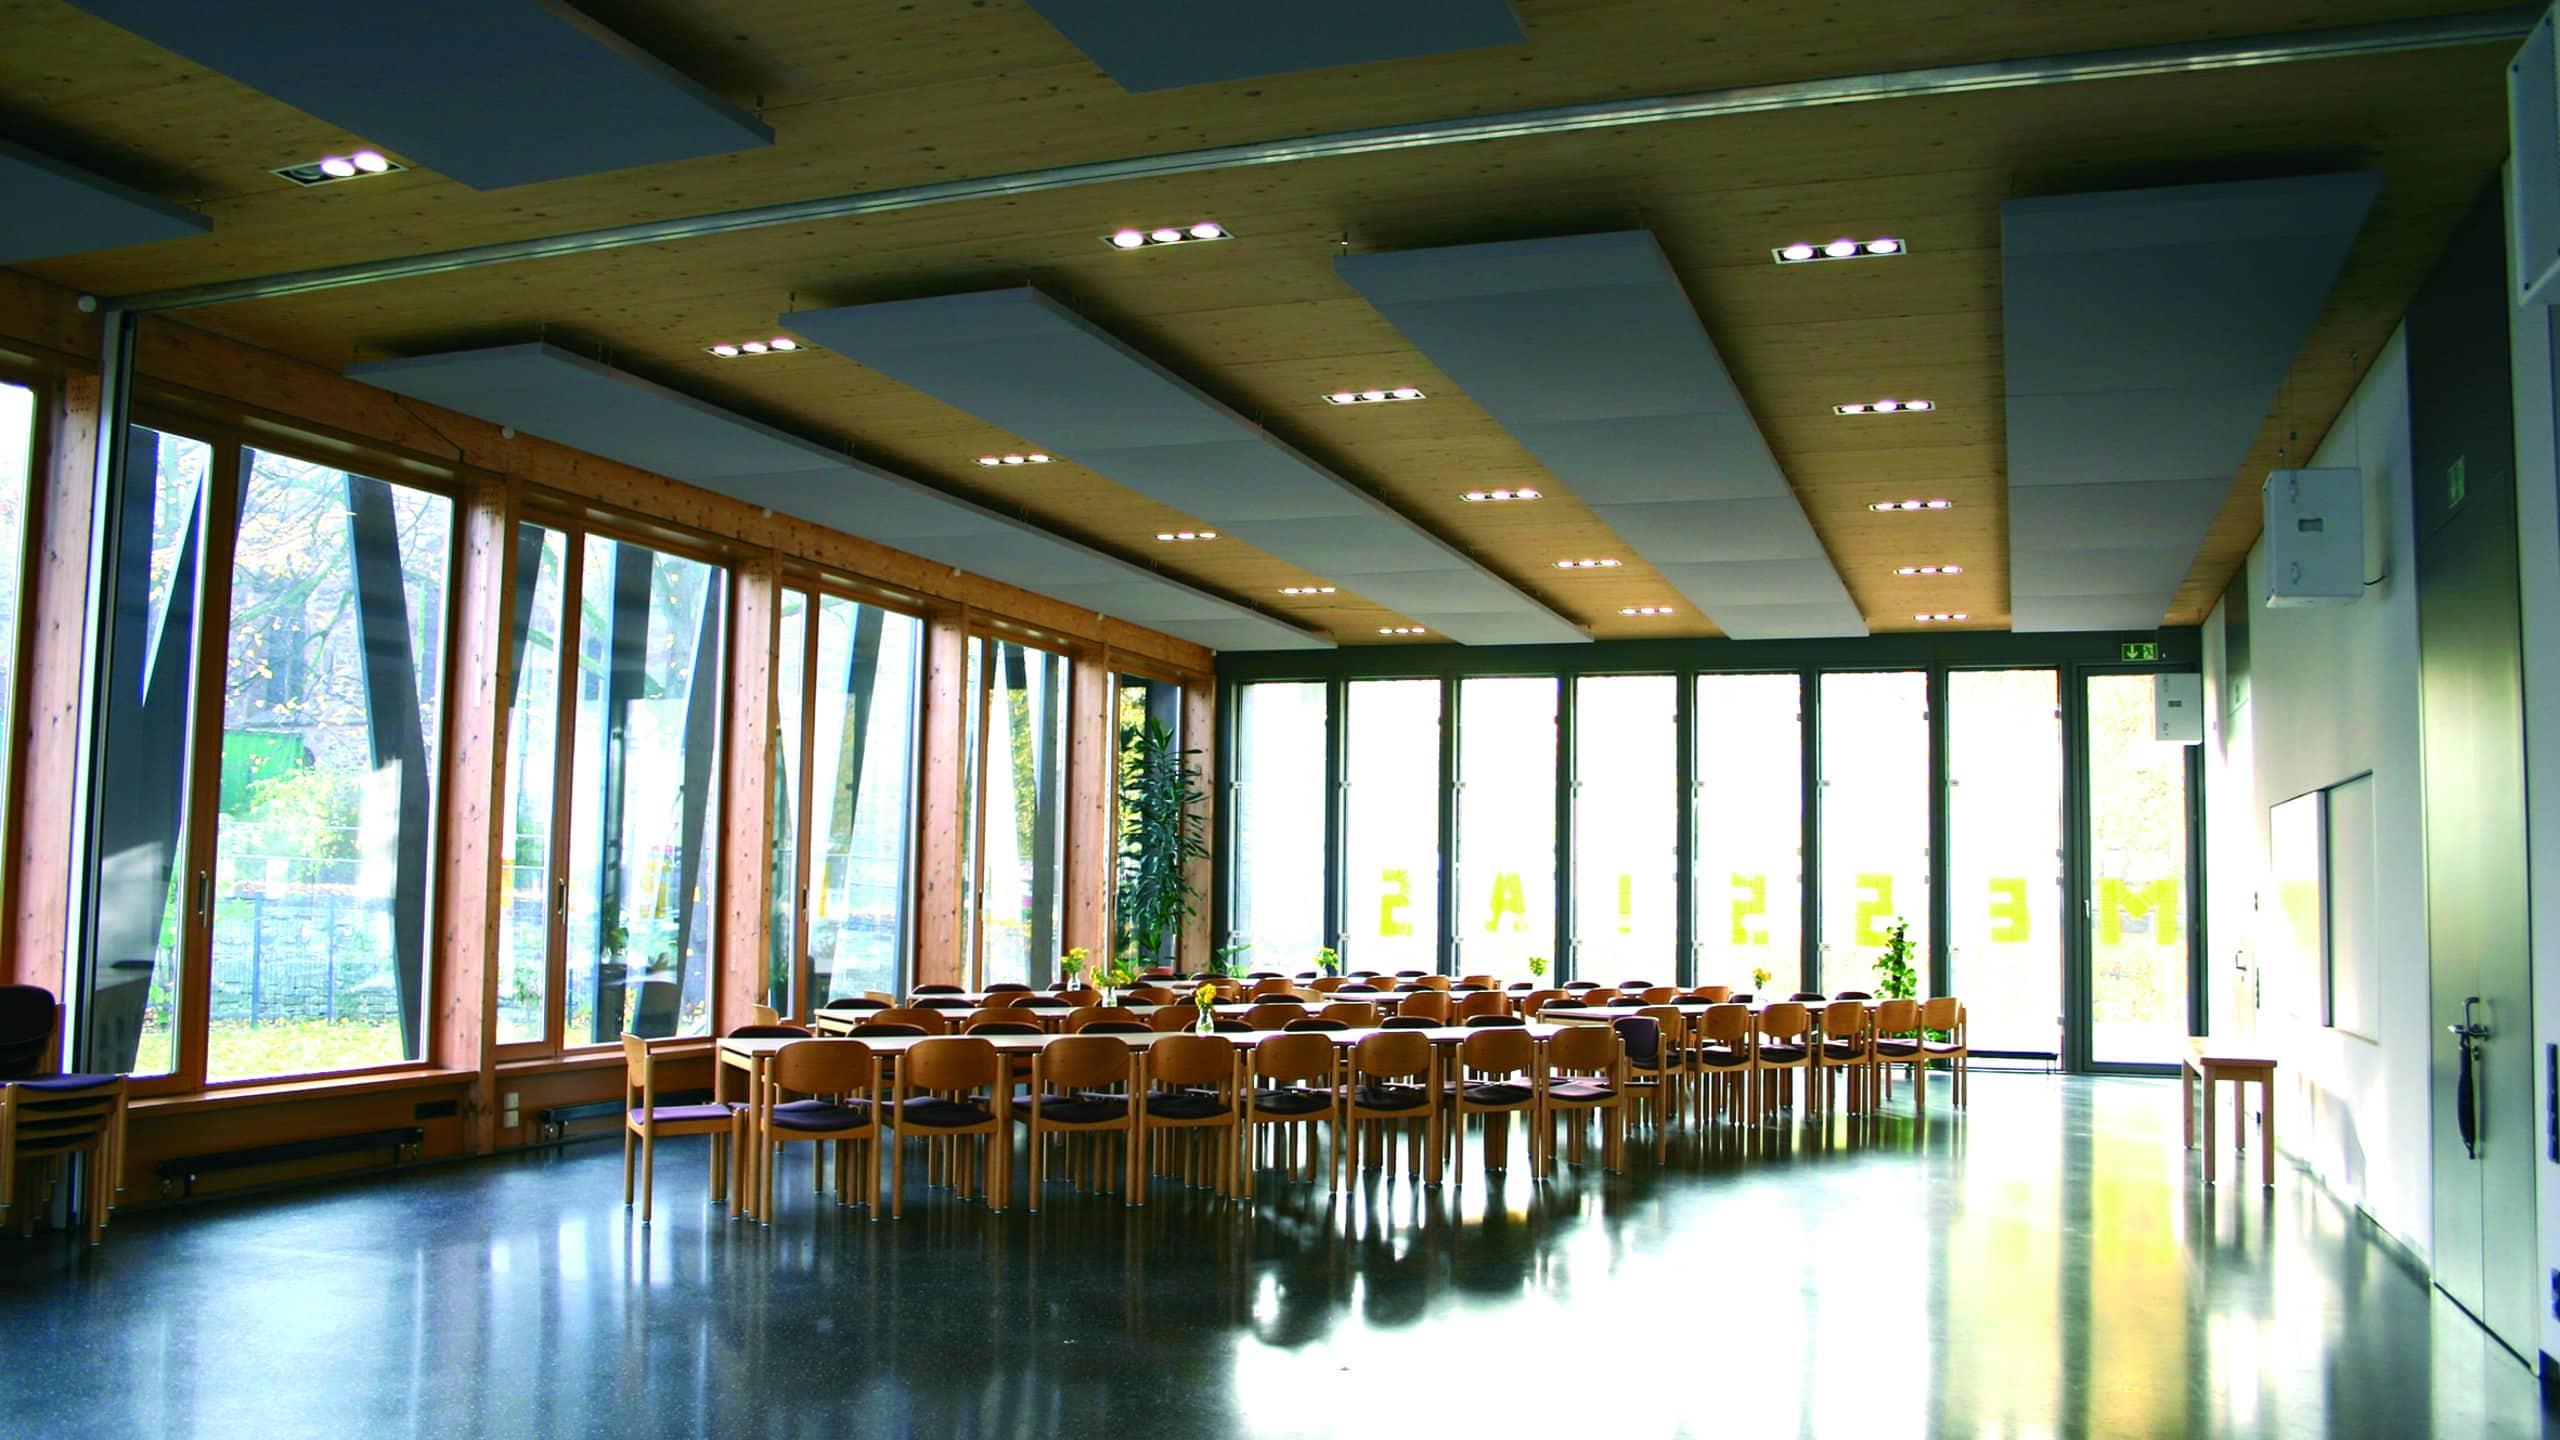 Gemeindesaal - Ansicht 1